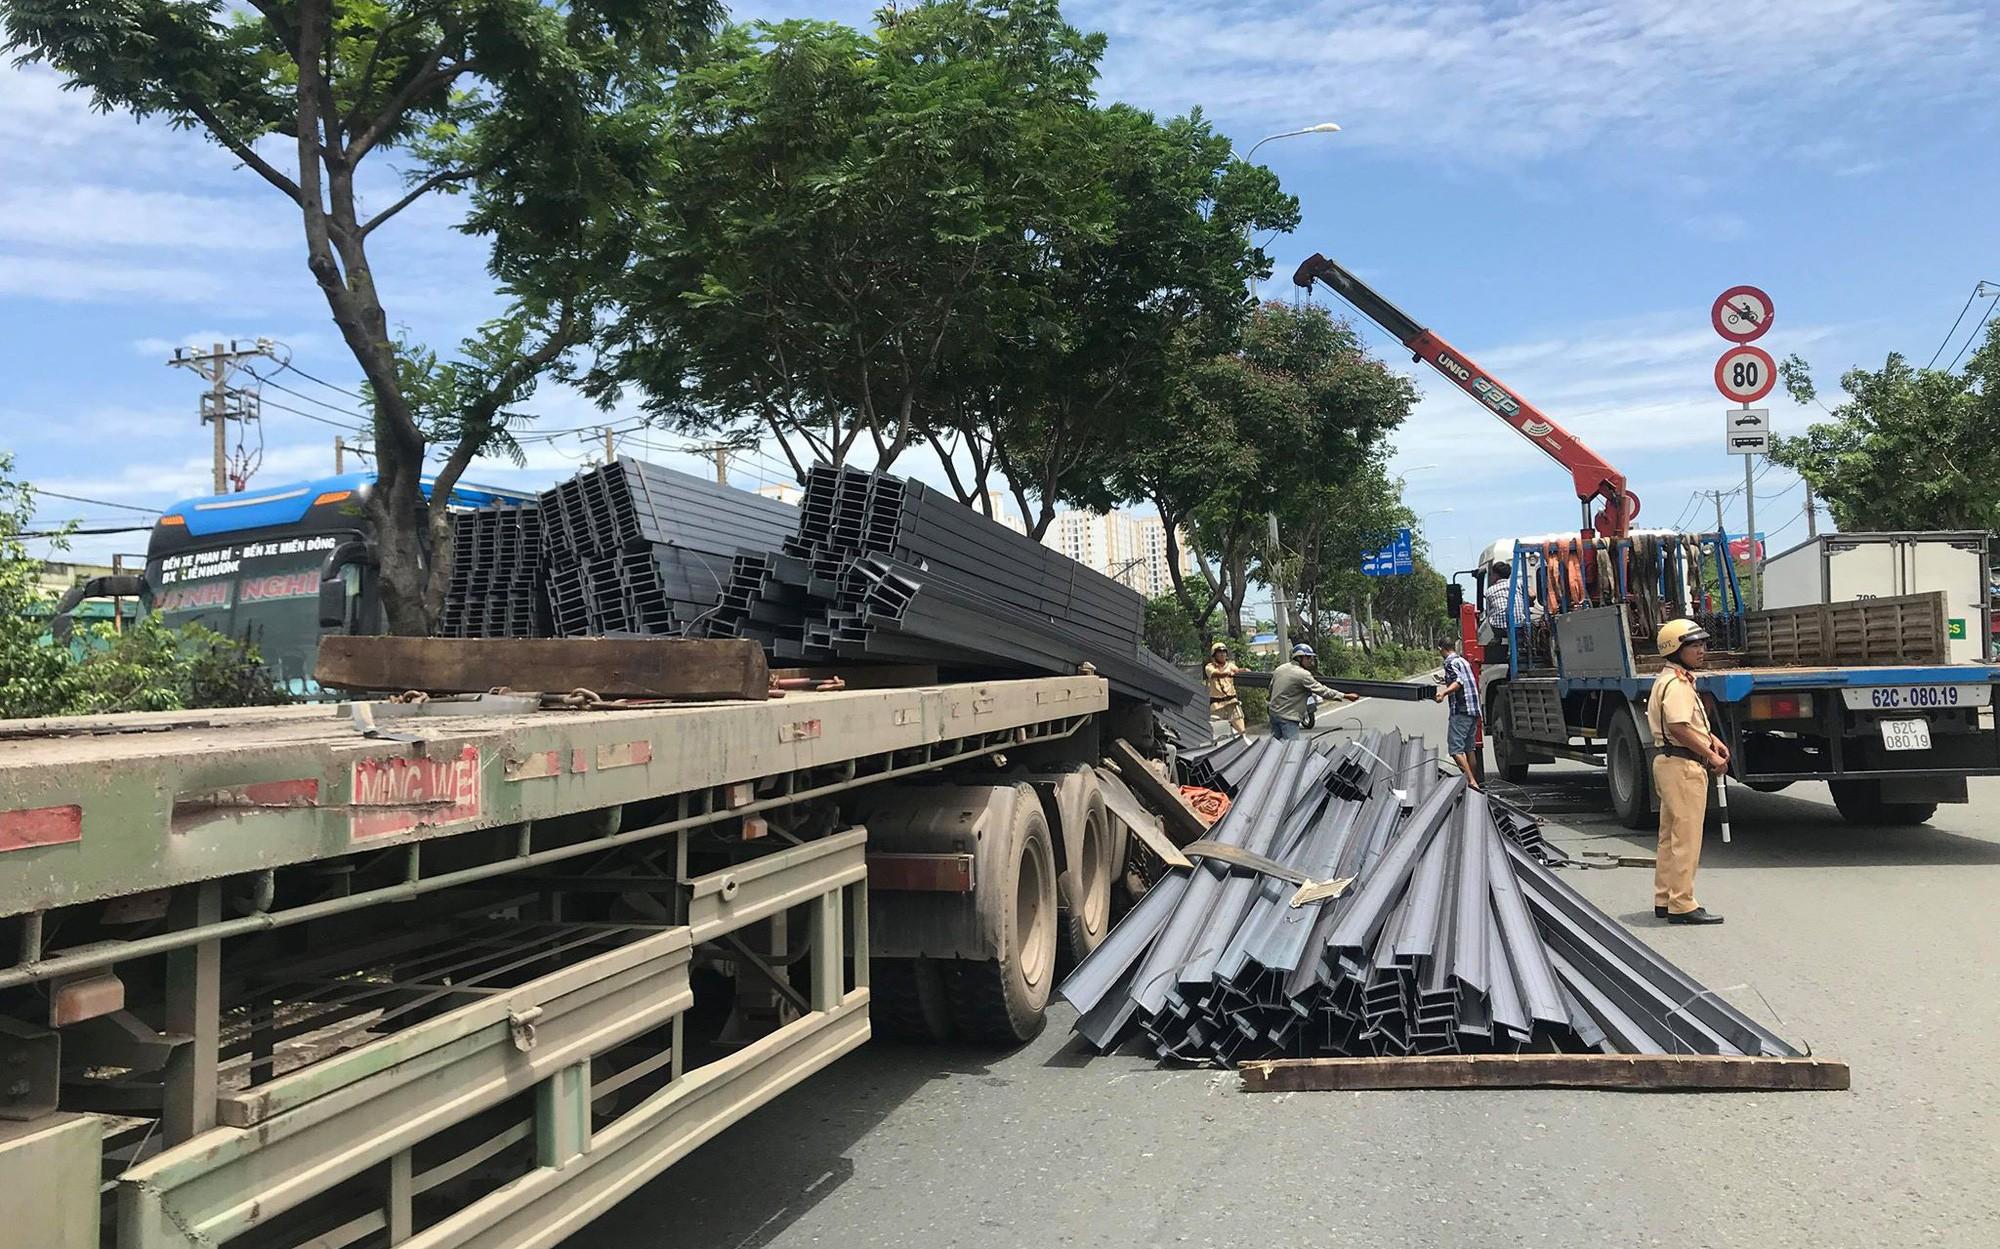 Container phanh gấp khiến hàng tấn thép phía sau trượt tới ủi bay cabin, tài xế mắc kẹt bên trong nguy kịch